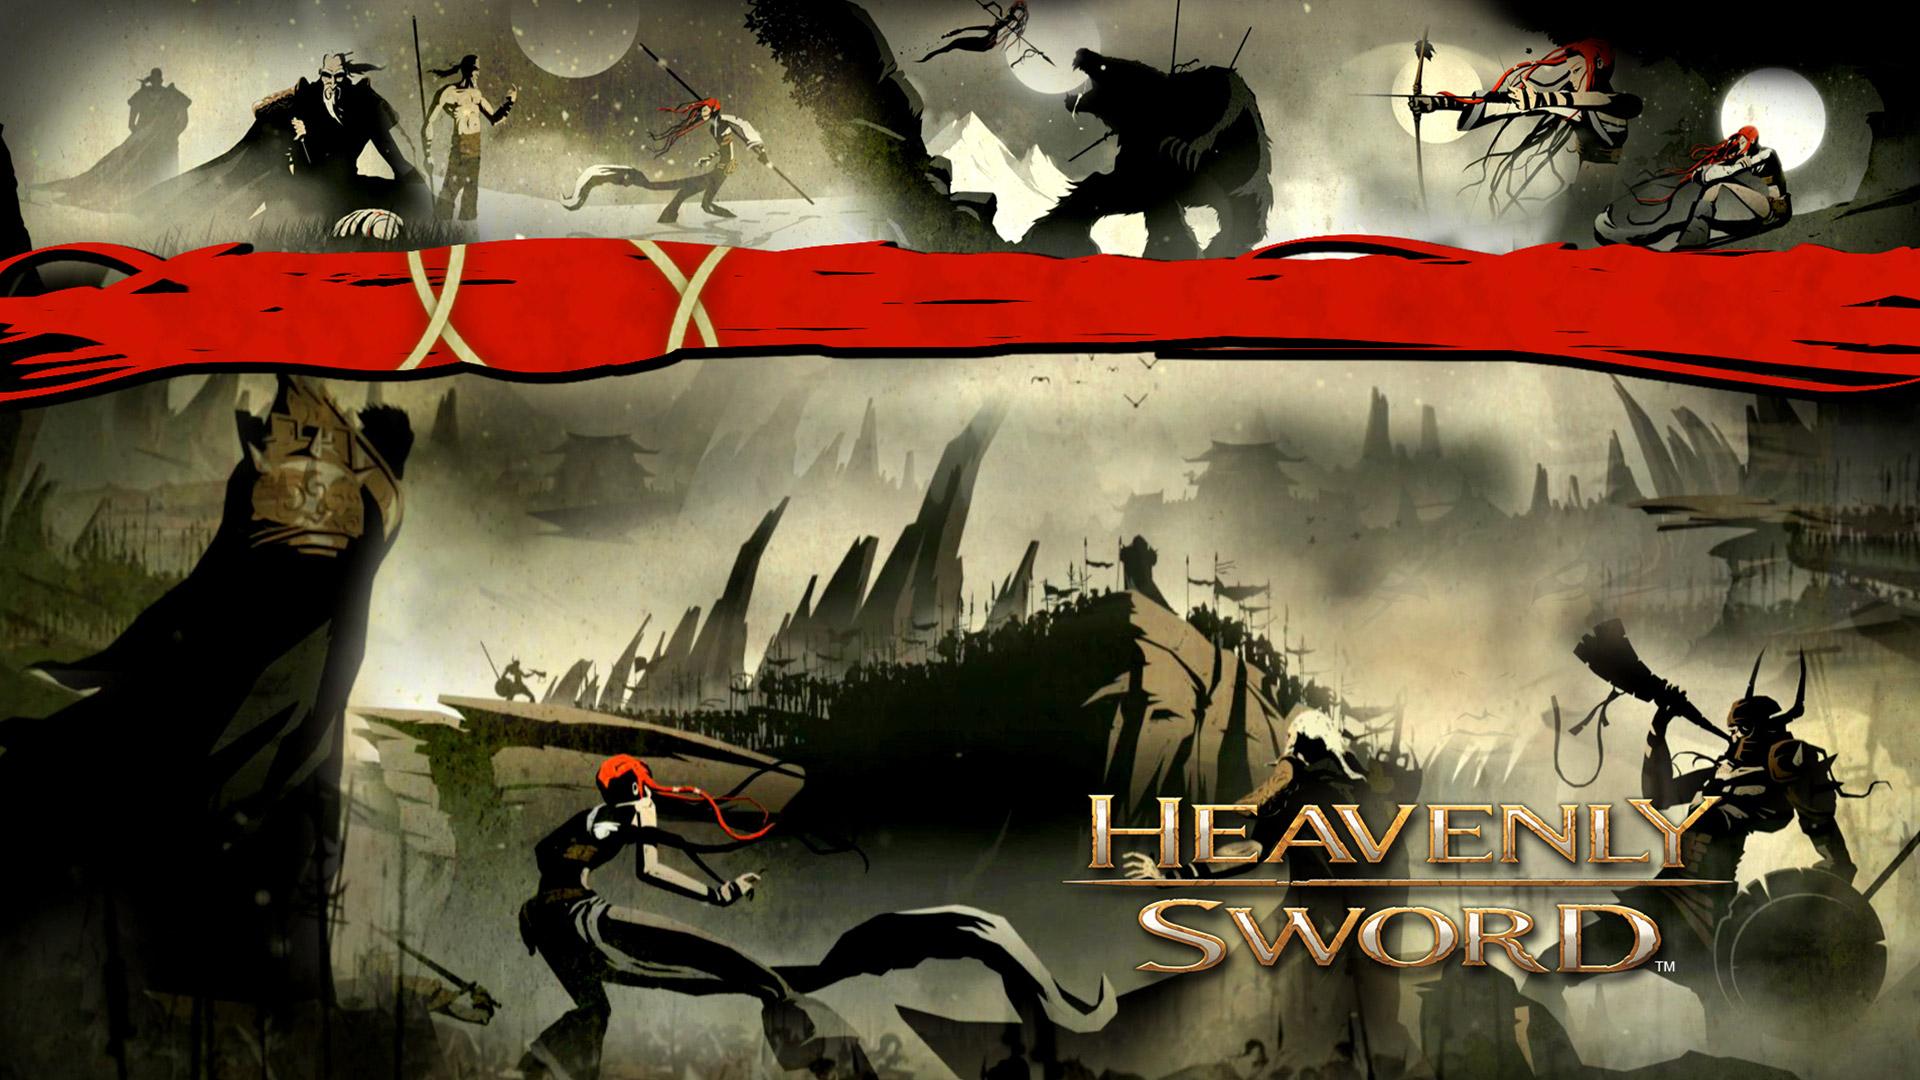 Heavenly Sword wallpaper 1